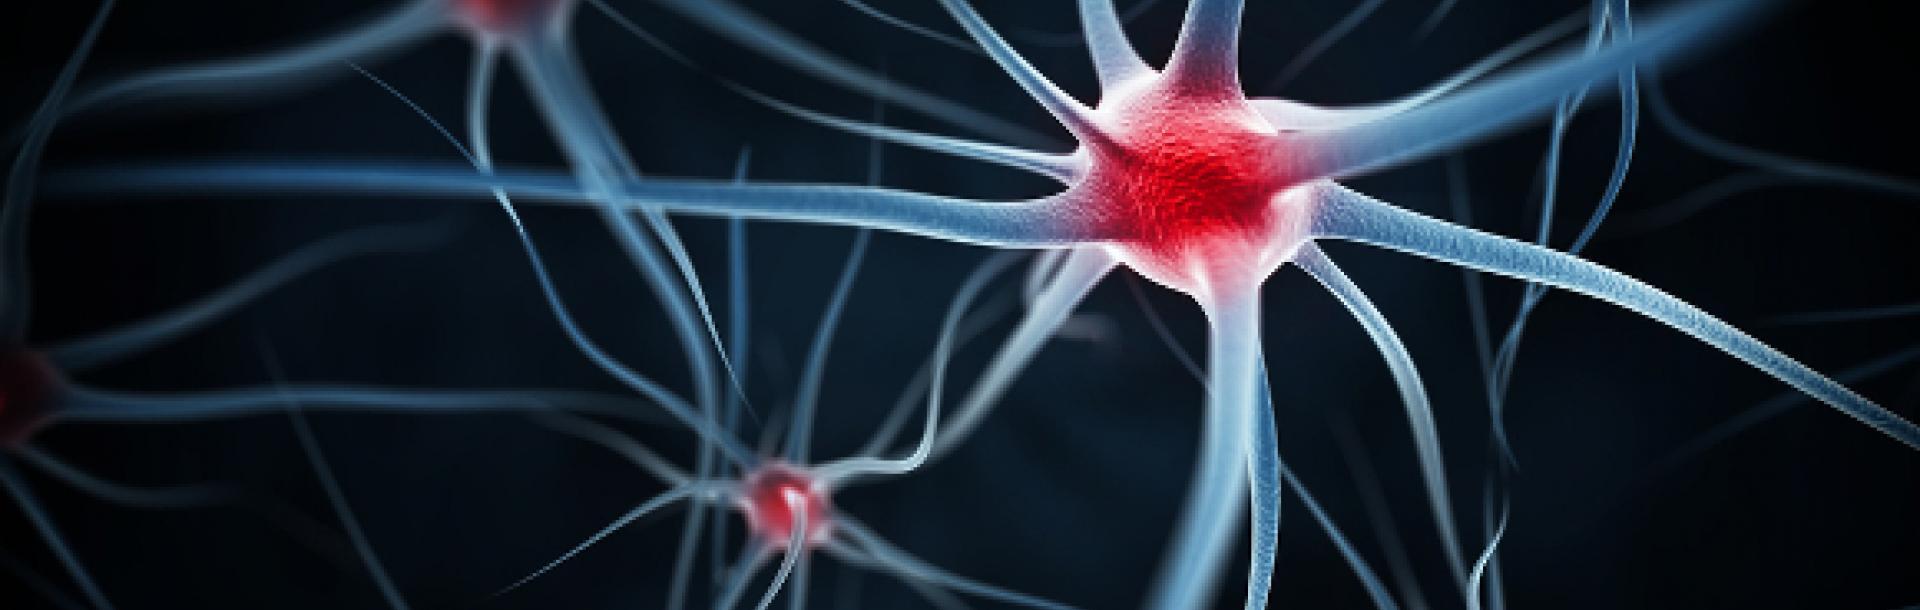 בדיקות מעבדה בעזרת רשת נוירונים ללימוד עמוק בפחות זמן וכסף